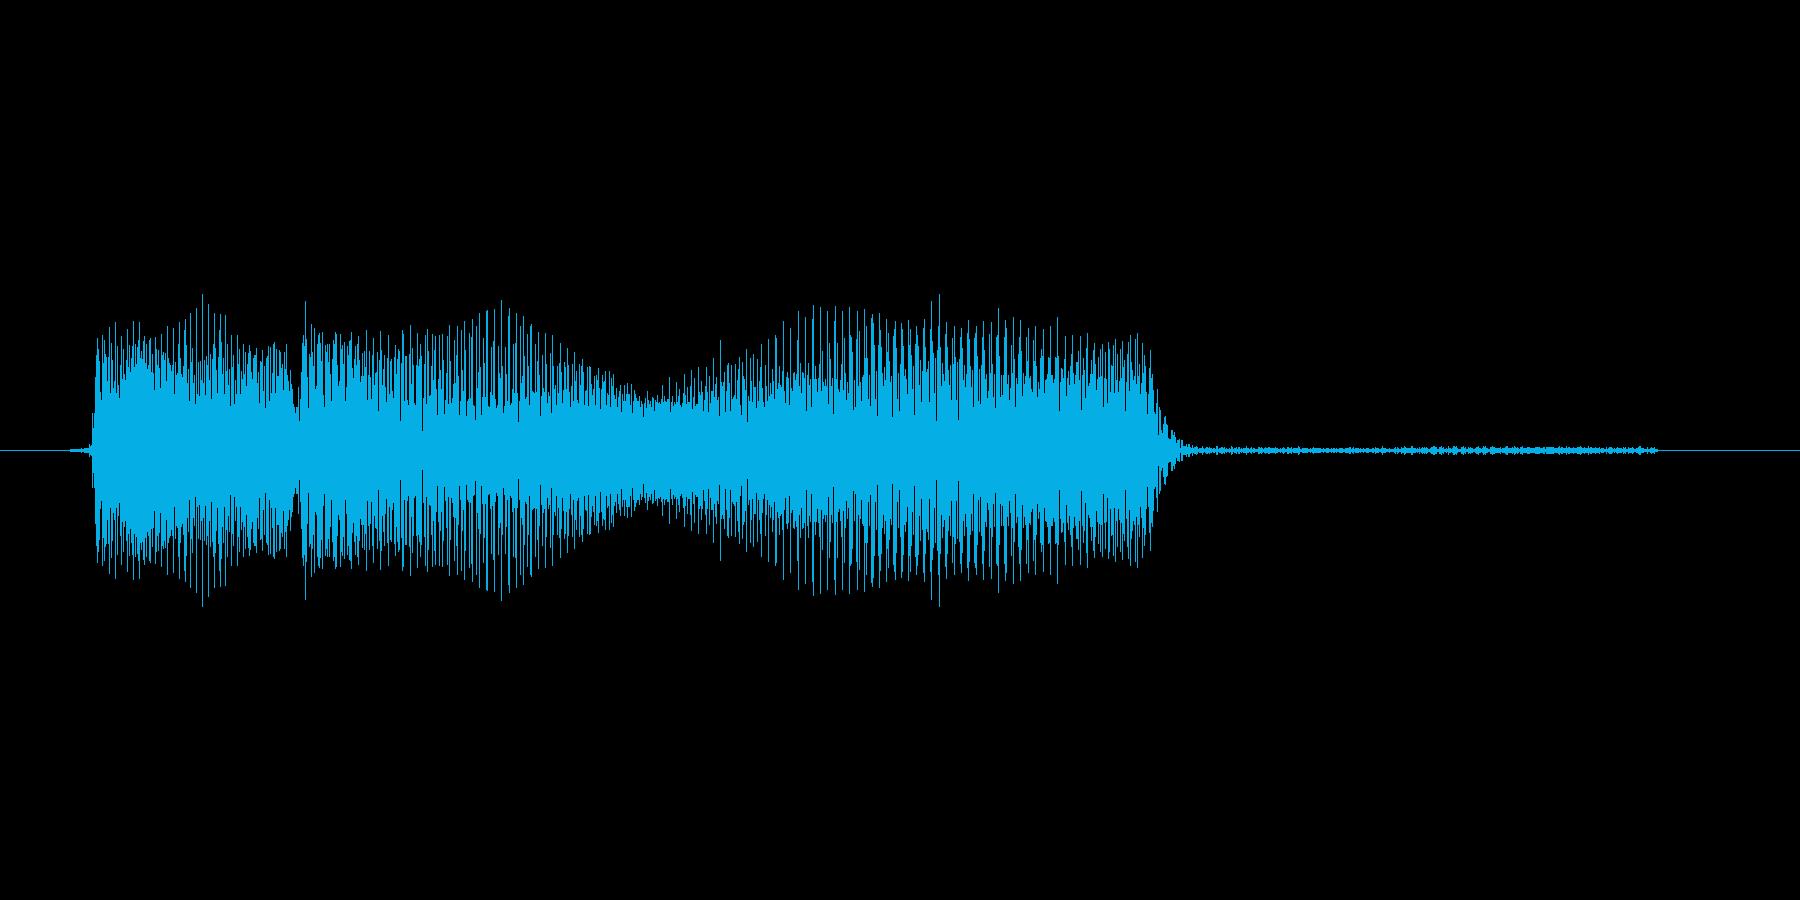 ゲーム、クイズ(ピンポン音)_012の再生済みの波形